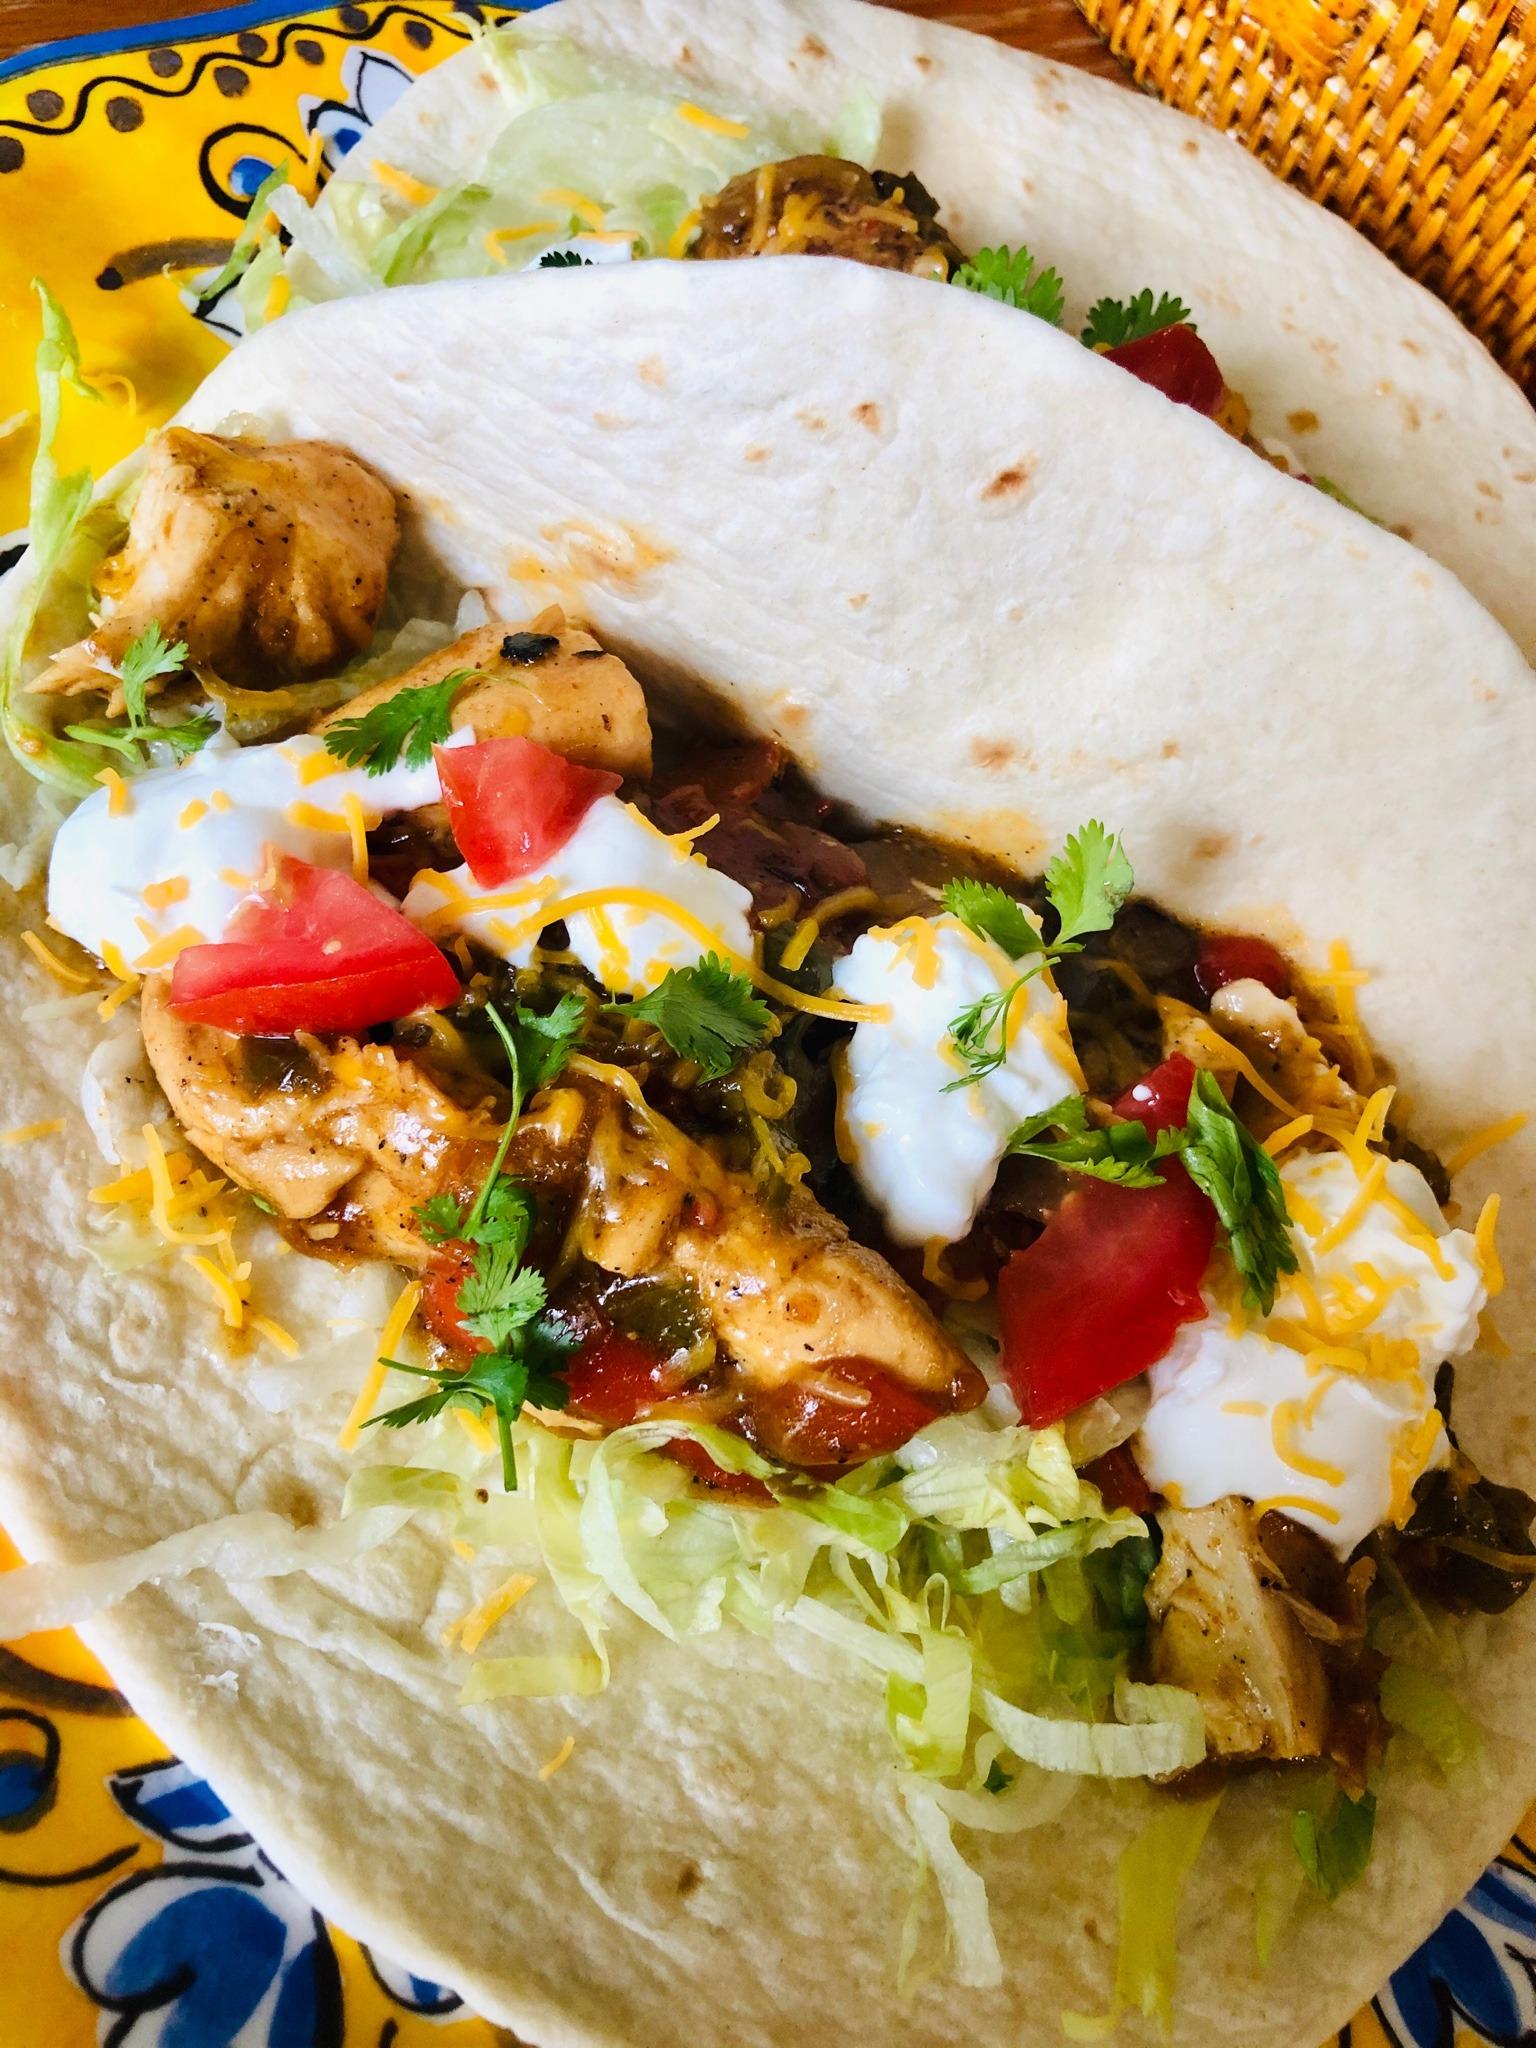 Recipe: Quick And Tasty Chicken Fajitas